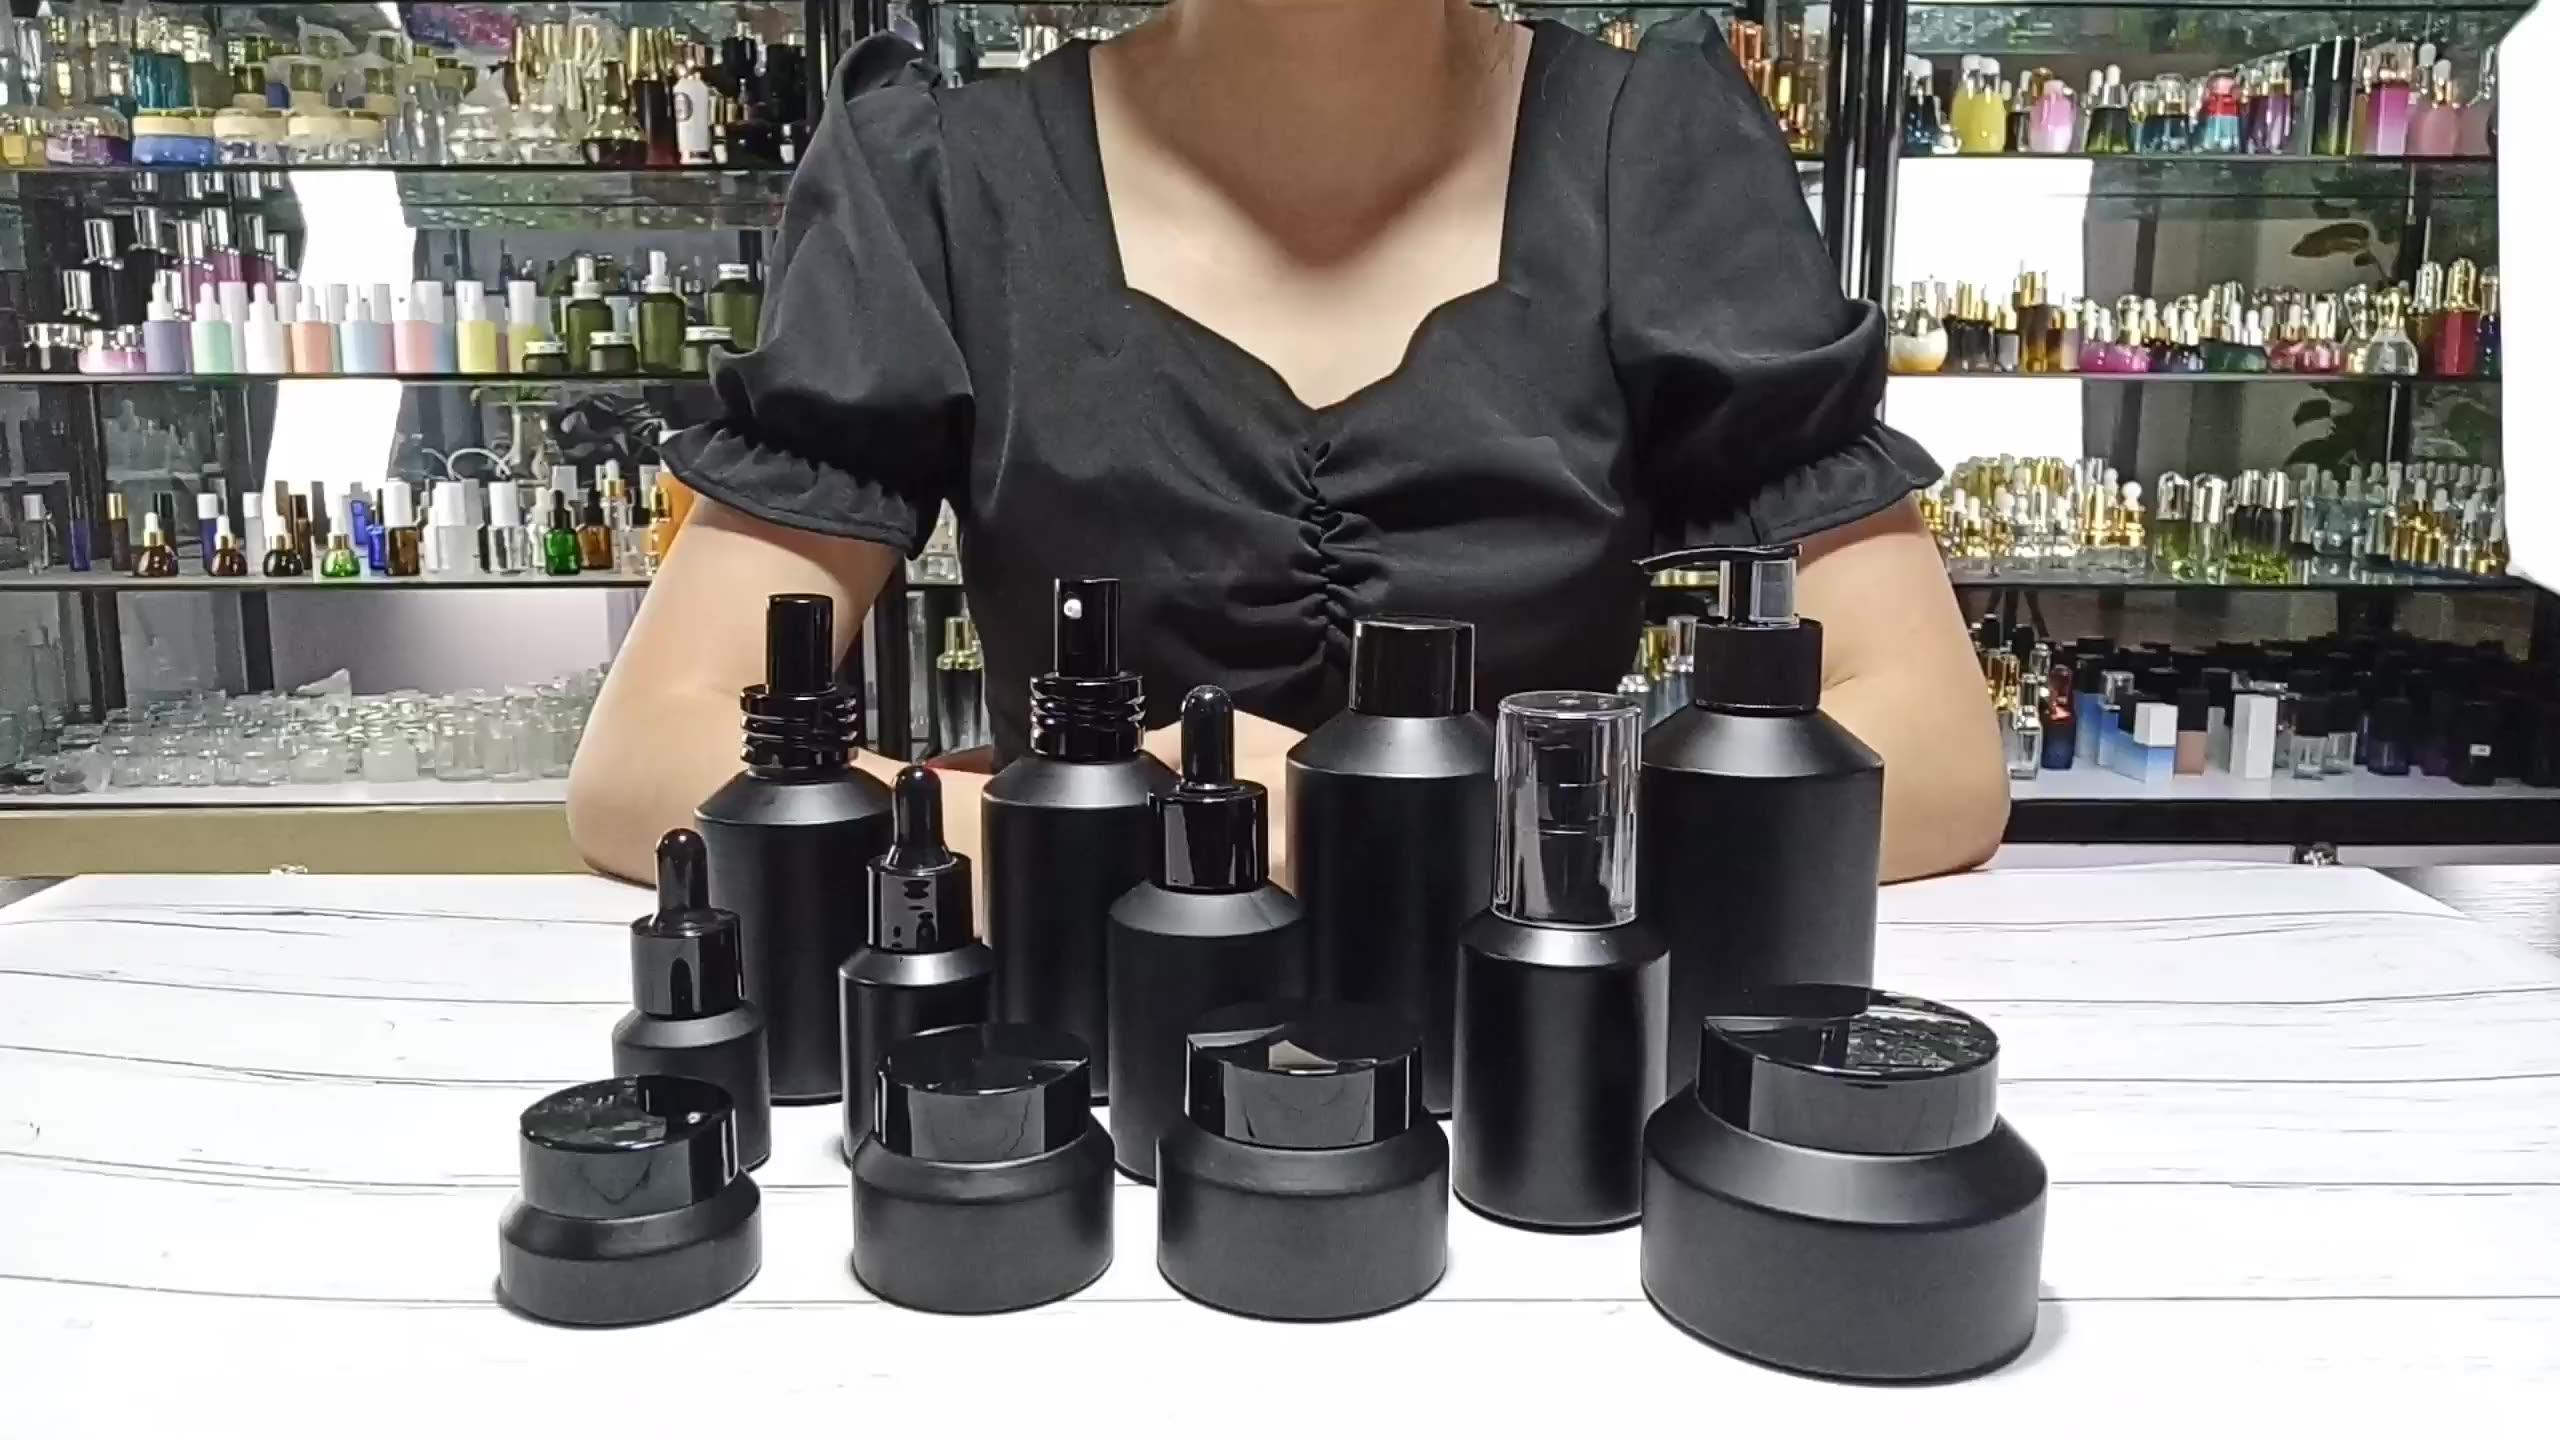 Thiết Kế Độc Đáo Nghiêng Vai Tái Chế Ô Liu Mỹ Phẩm Bán Buôn Glass Chum 15 Gam 30 Gam 50 Gam 100 Gam Chum Glass Với Nắp Đậy